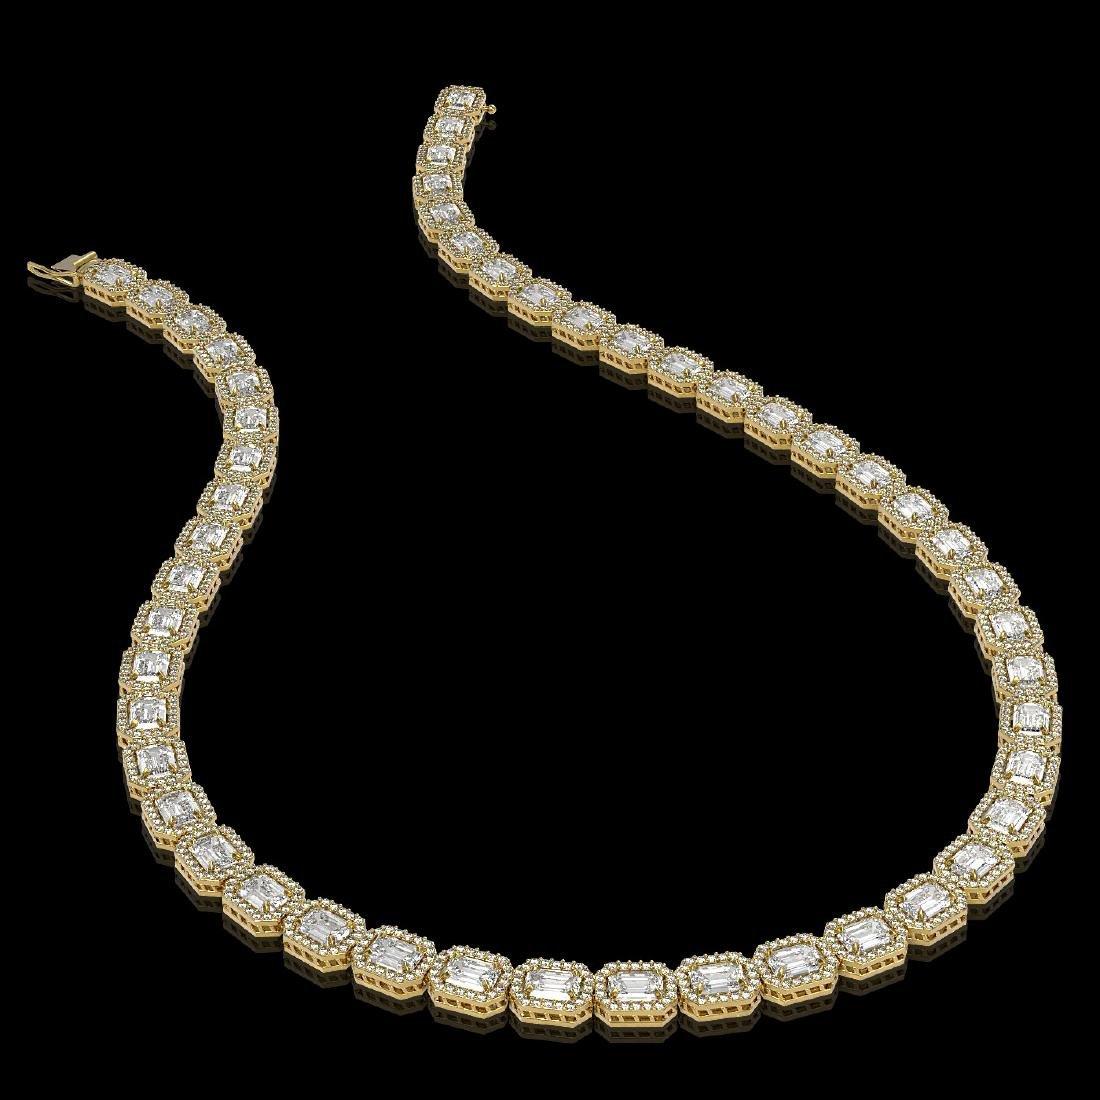 33.10 CTW Emerald Cut Diamond Designer Necklace 18K - 2